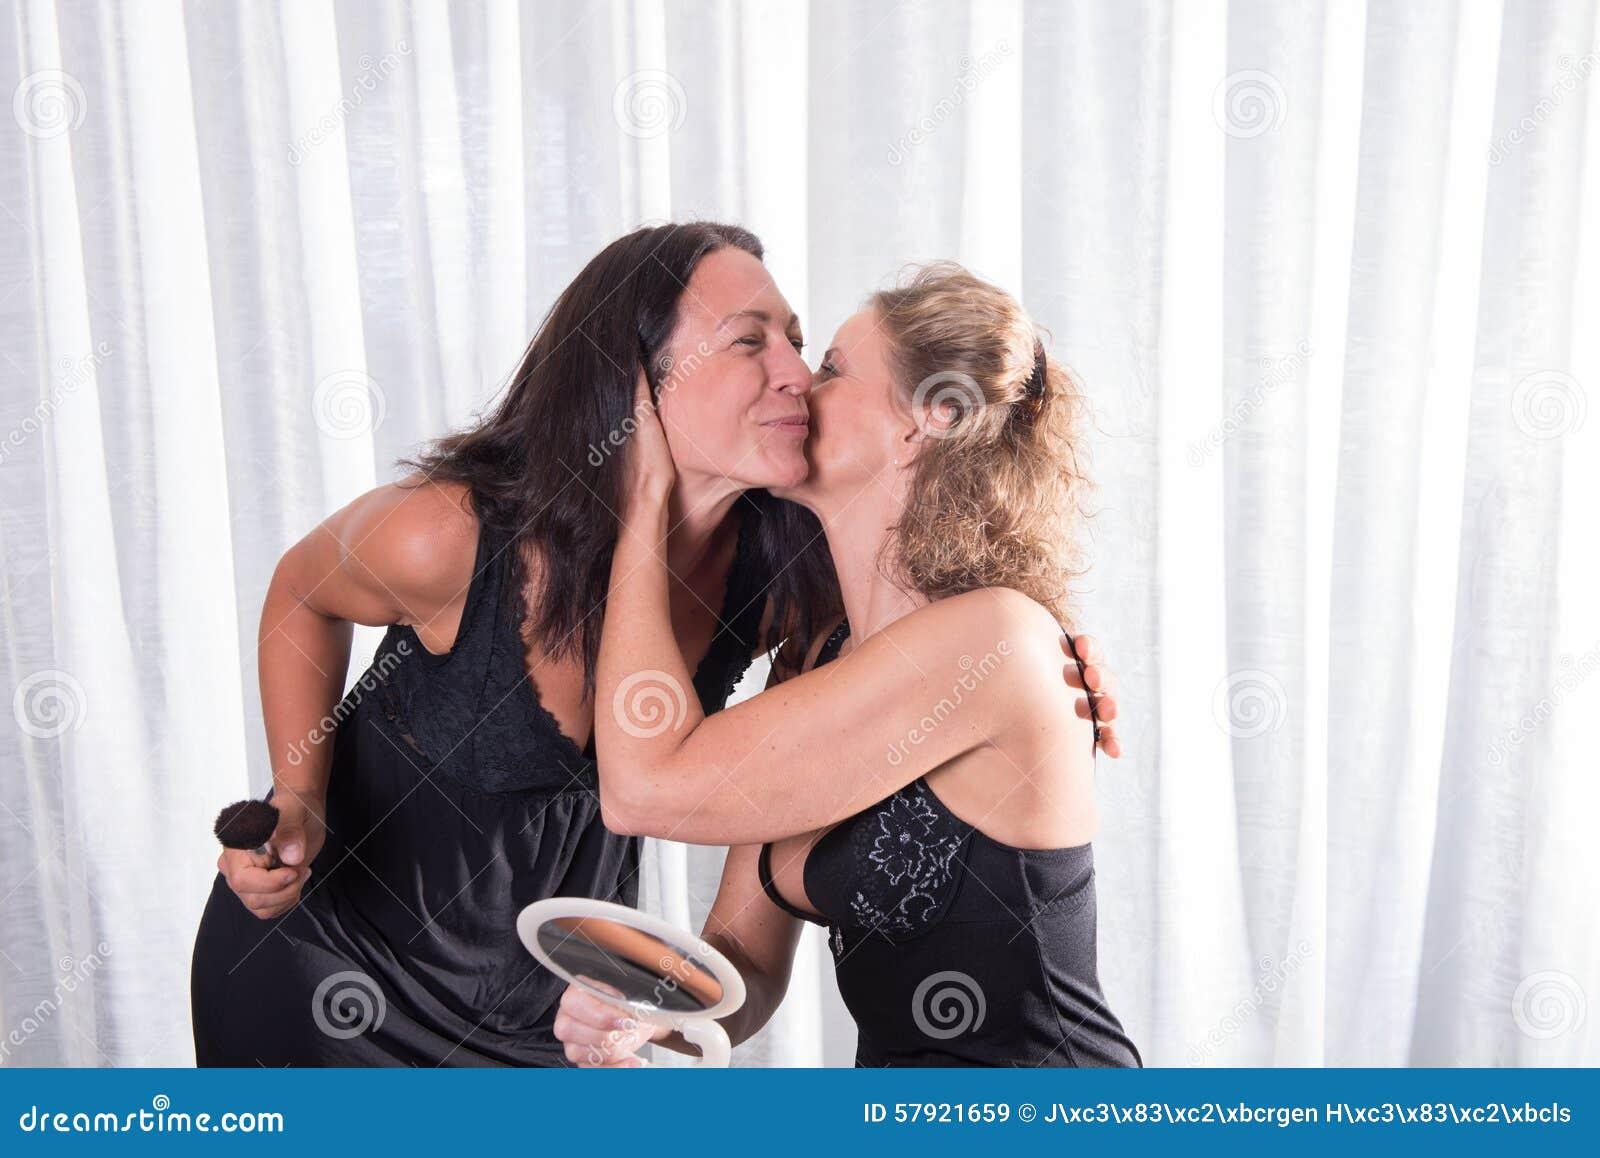 Frauen beim küssen